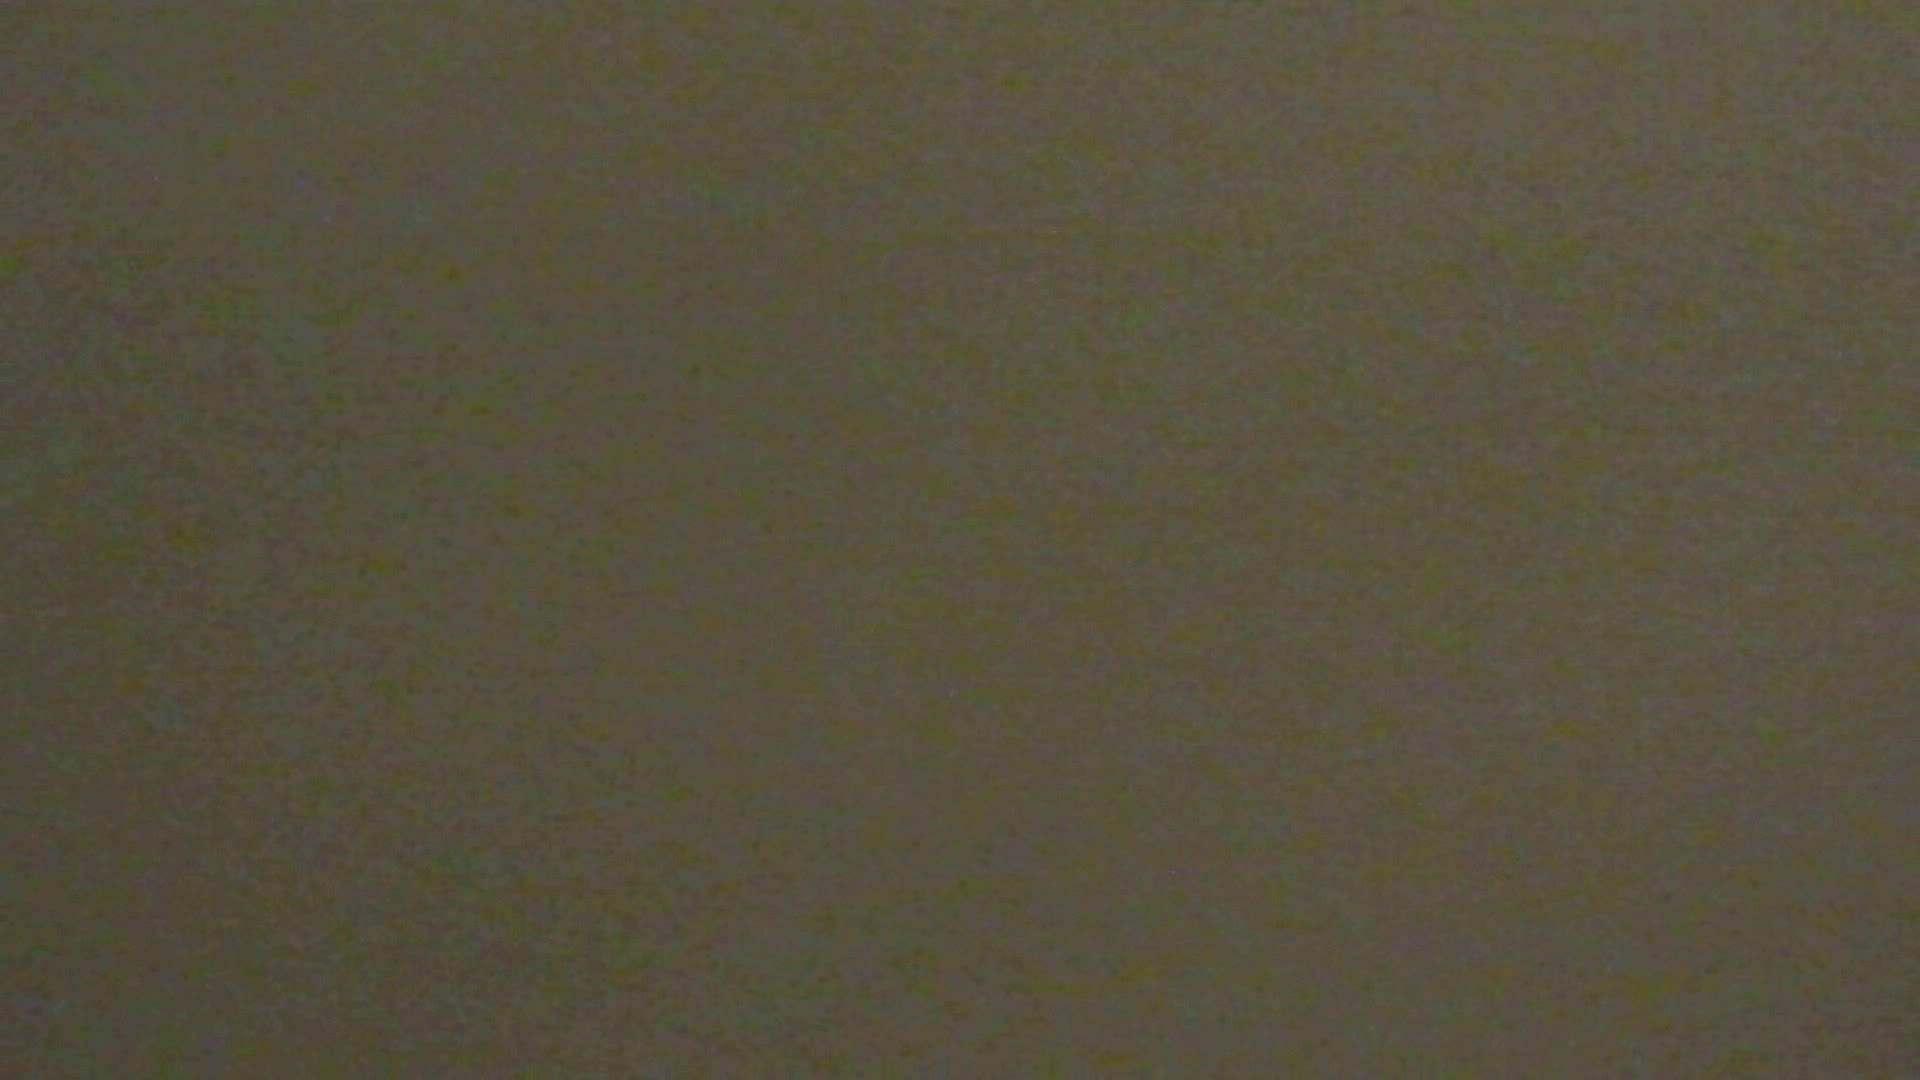 阿国ちゃんの「和式洋式七変化」No.14 丸見え  100PIX 5